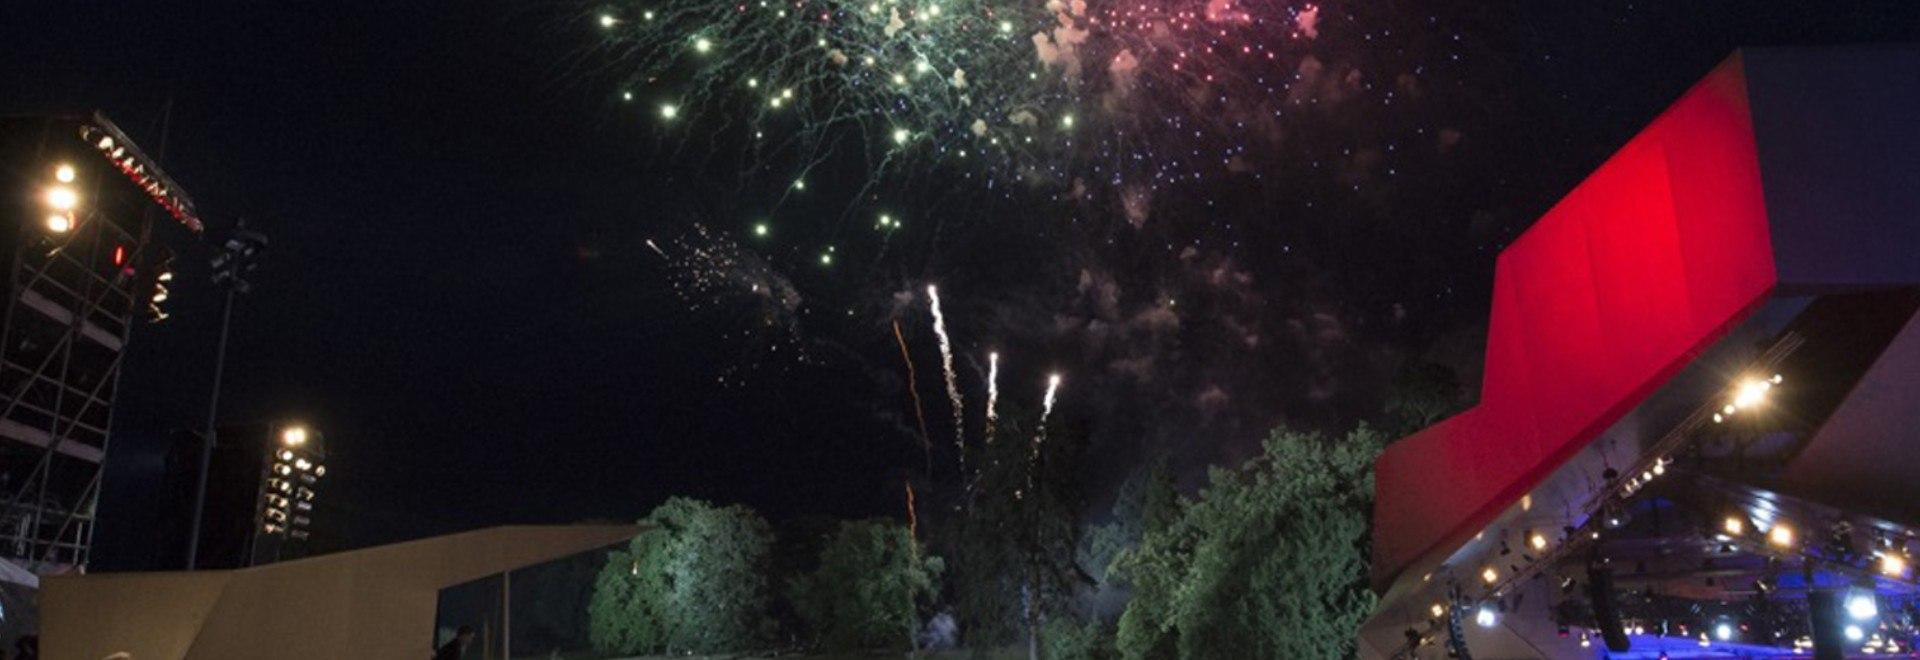 Festival di Grafenegg - Gala di mezza estate